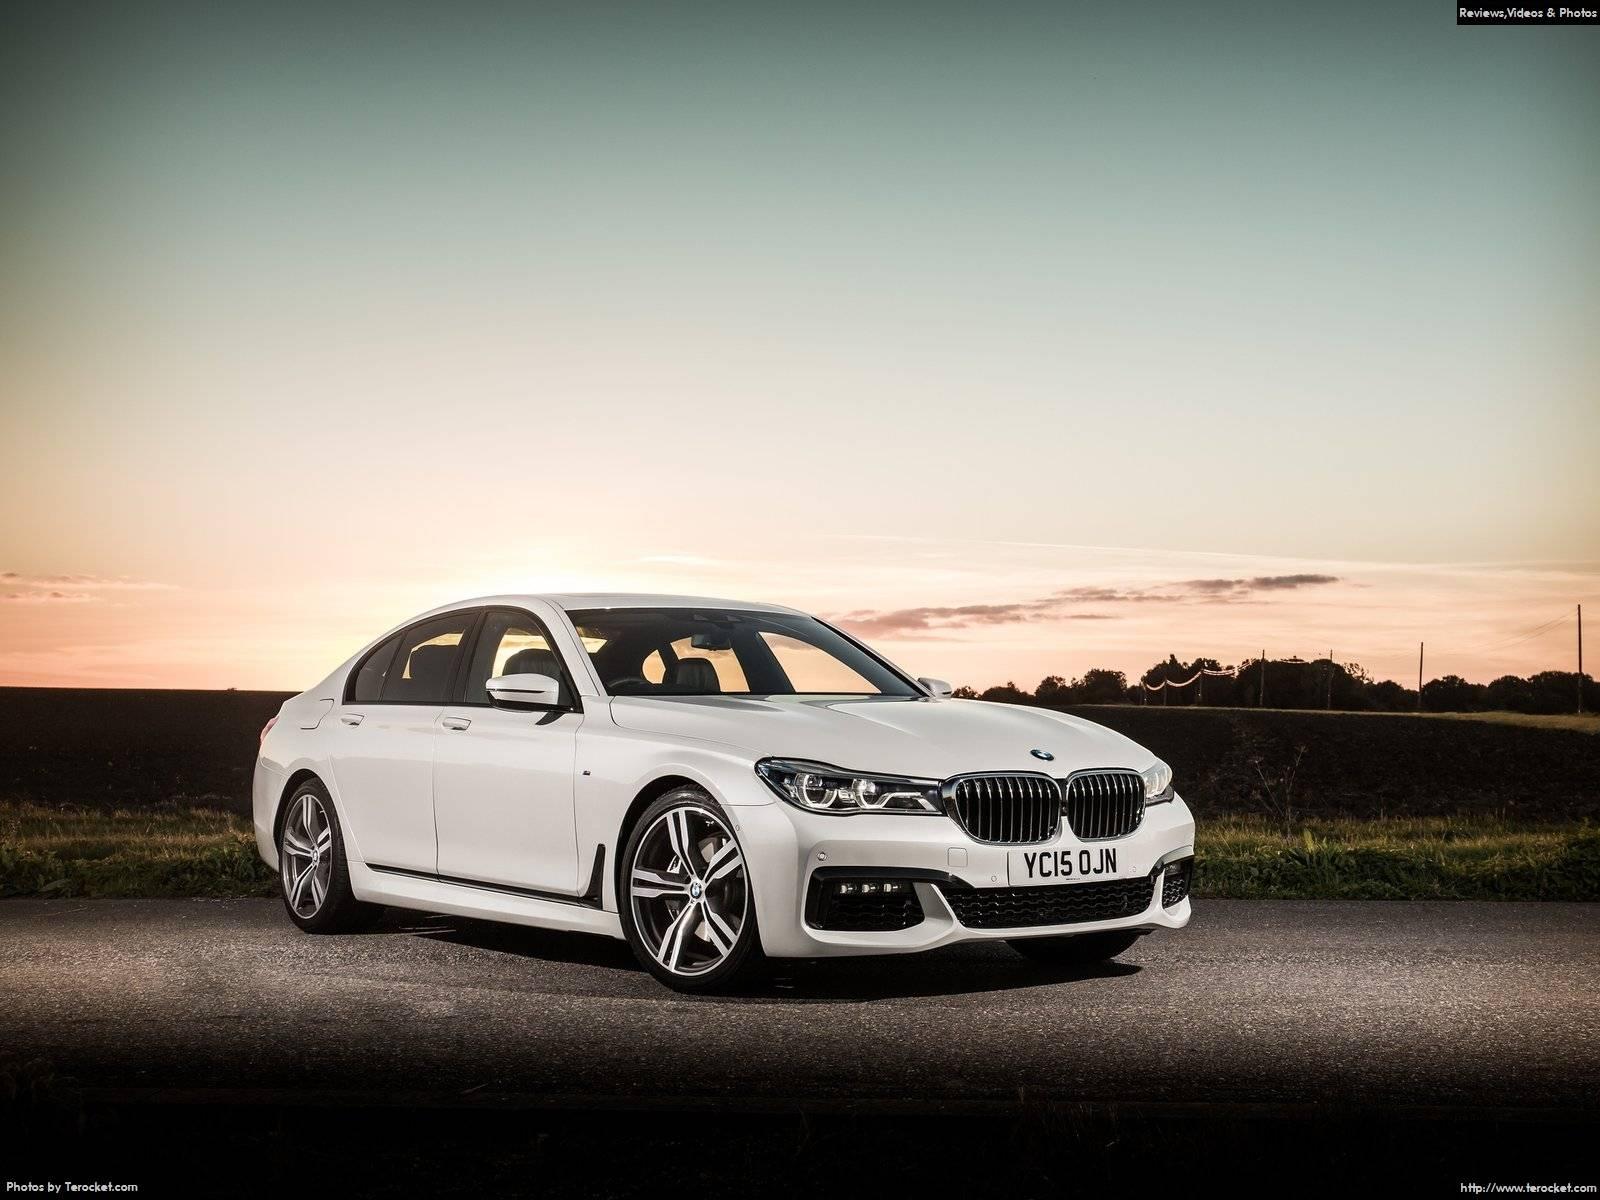 Hình ảnh xe ô tô BMW 7-Series UK-Version 2016 & nội ngoại thất